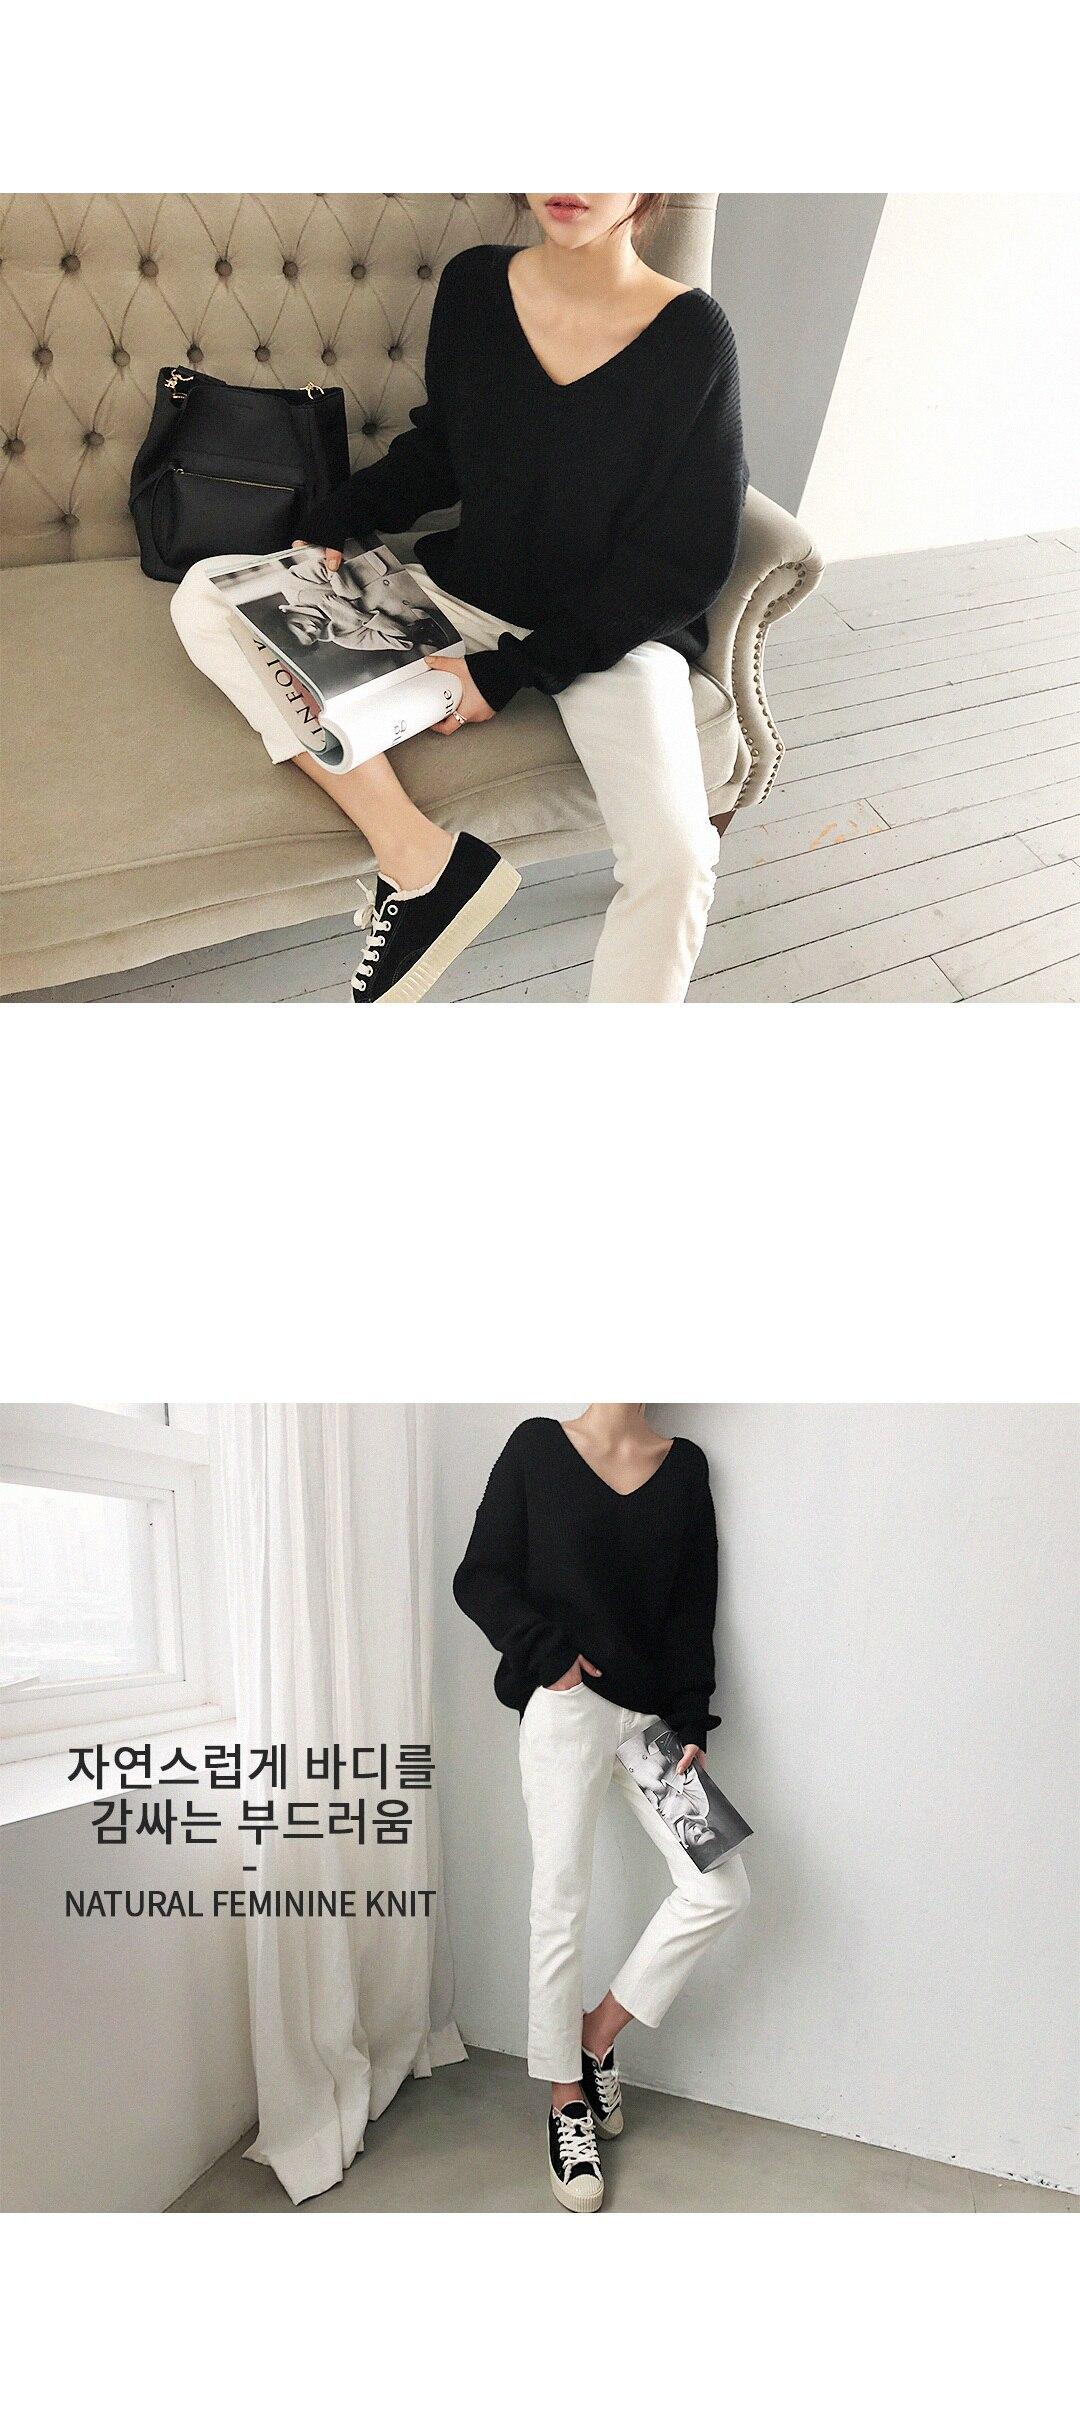 19 Winter Ovreiszed Sweater Women V Neck Black White Sweater Irregular Hen Knitted Tops 25